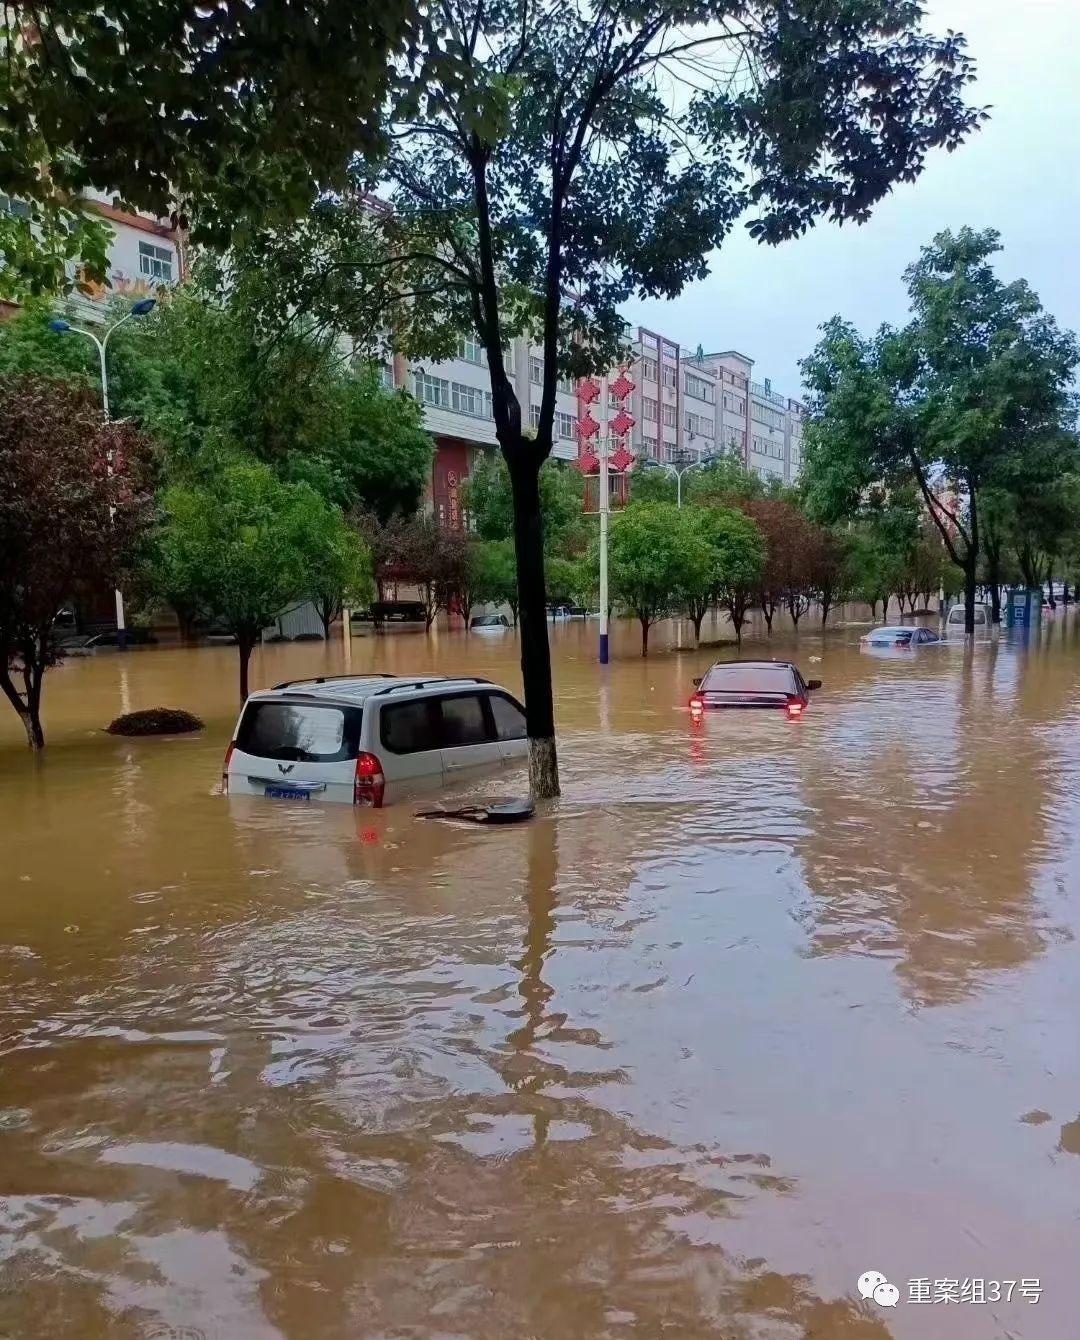 陕西勉县突降暴雨:城区积水最深达90厘米 一失联村庄已恢复通讯